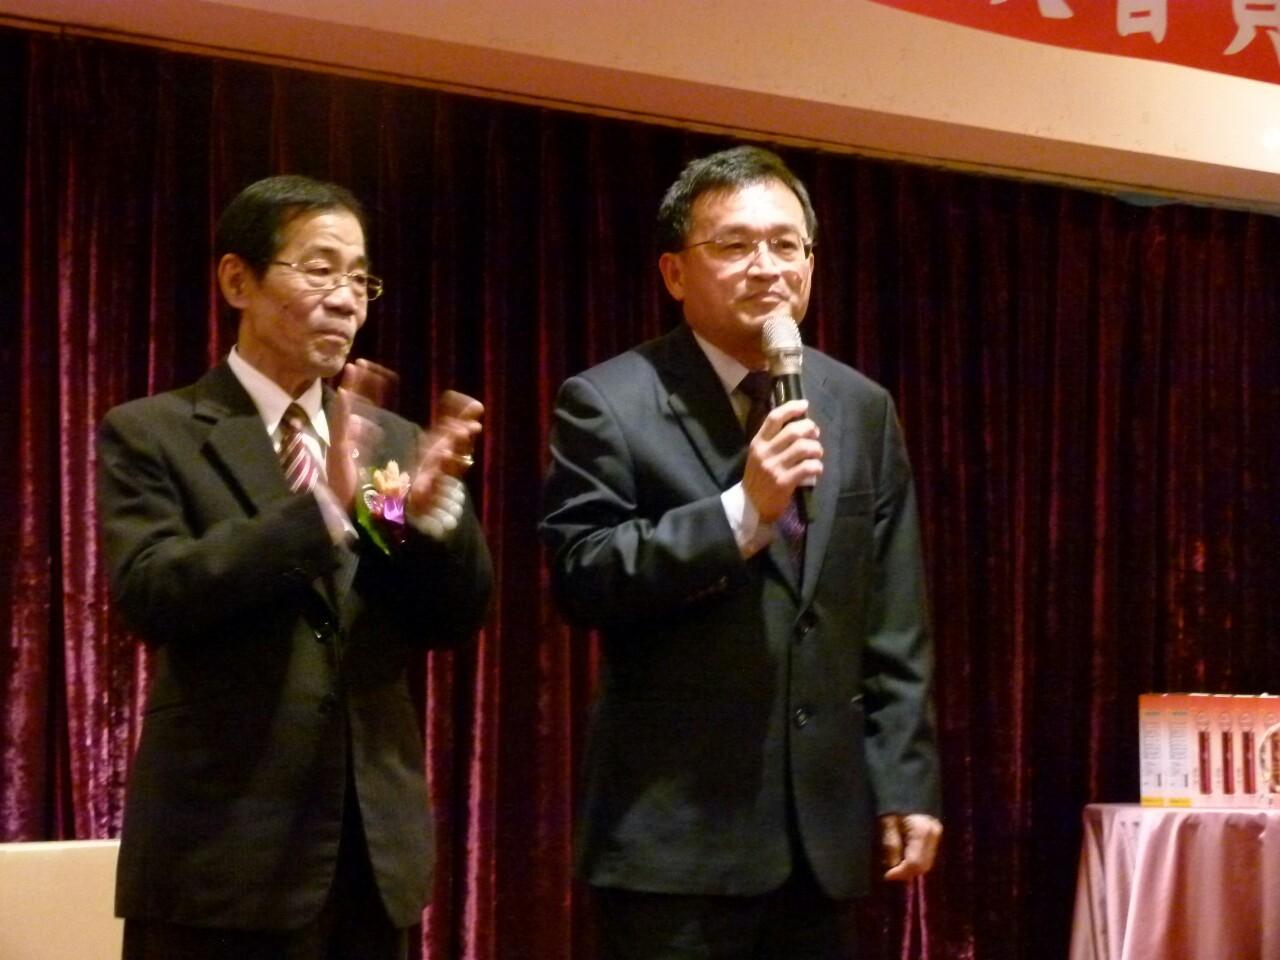 台南市西藥商業同業公會第29屆第一次會員大會_200114_0161